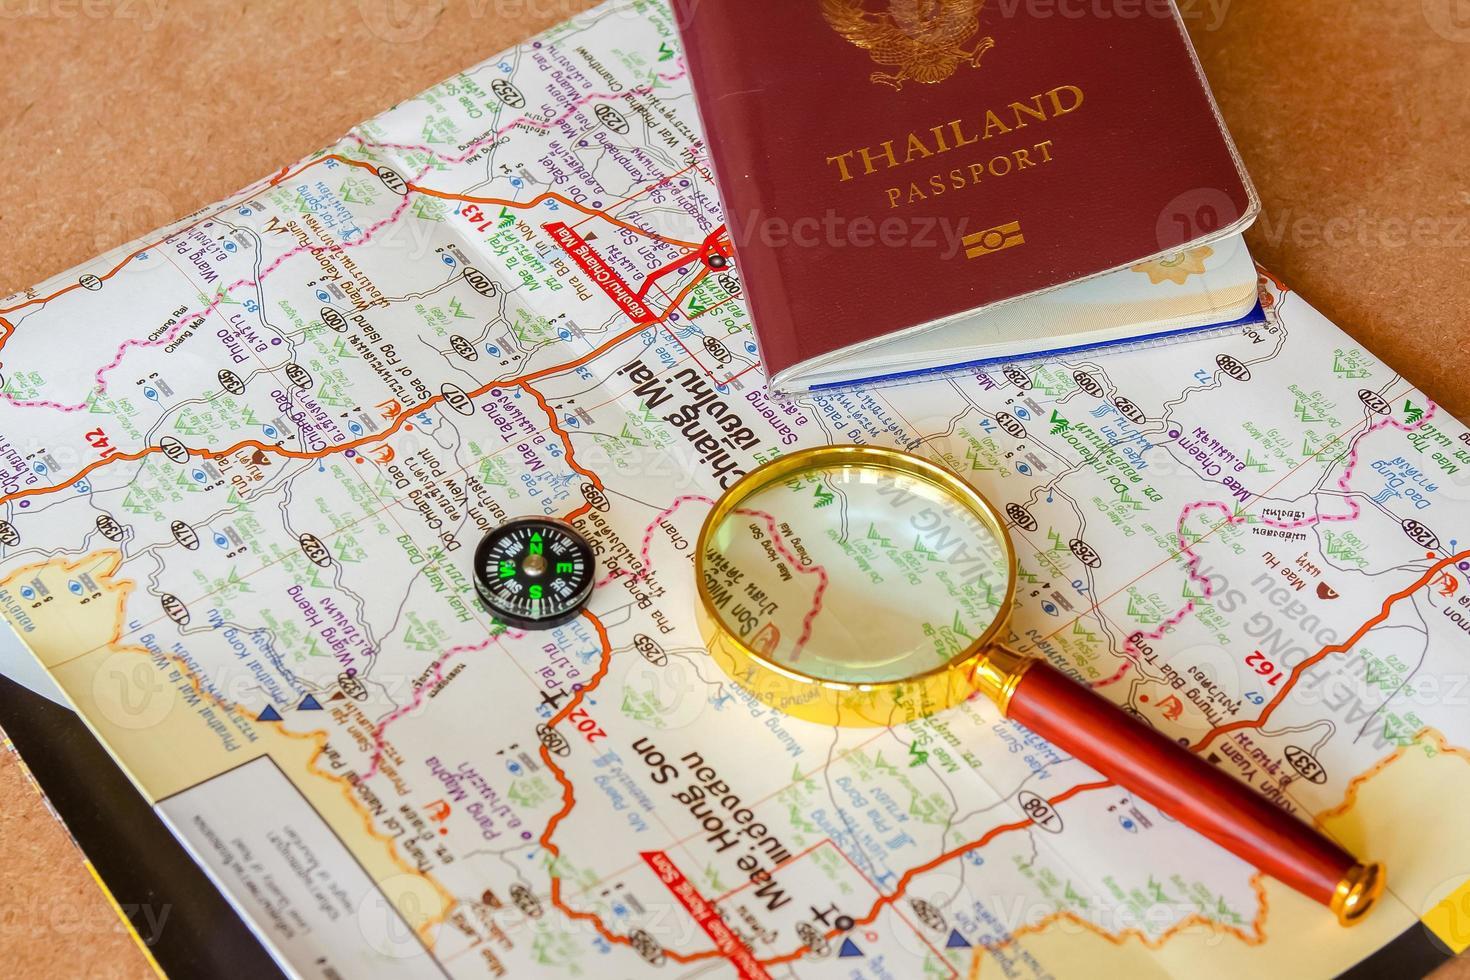 Reisepass nach Thailand Reisen Thailand spart gerne Geld. foto